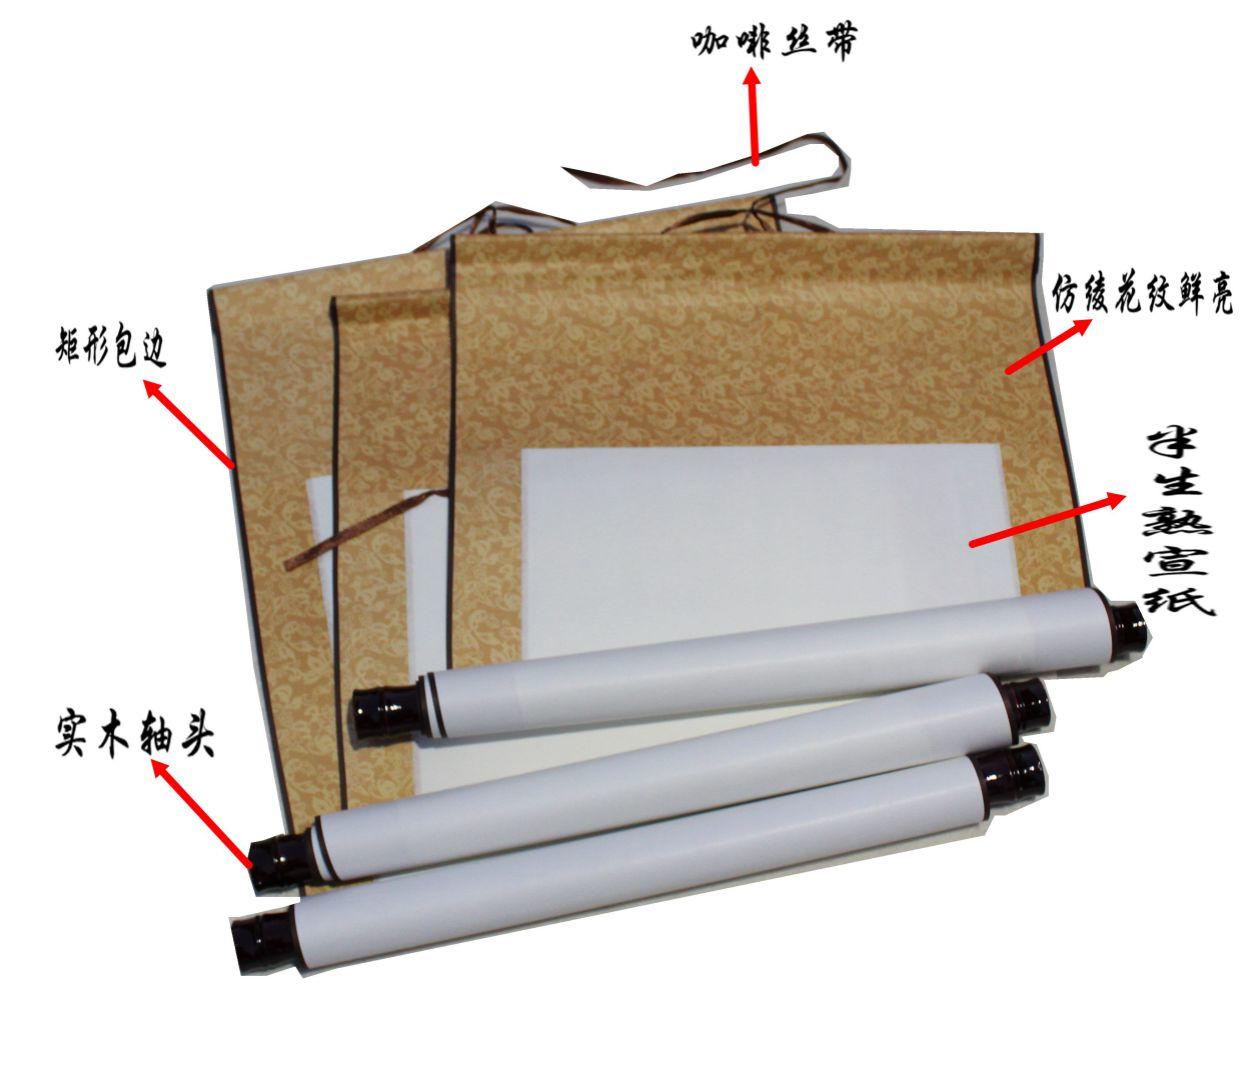 空白画轴仿绫纸卷轴宣纸立轴横幅书法国画半生熟竖轴挂轴横挂